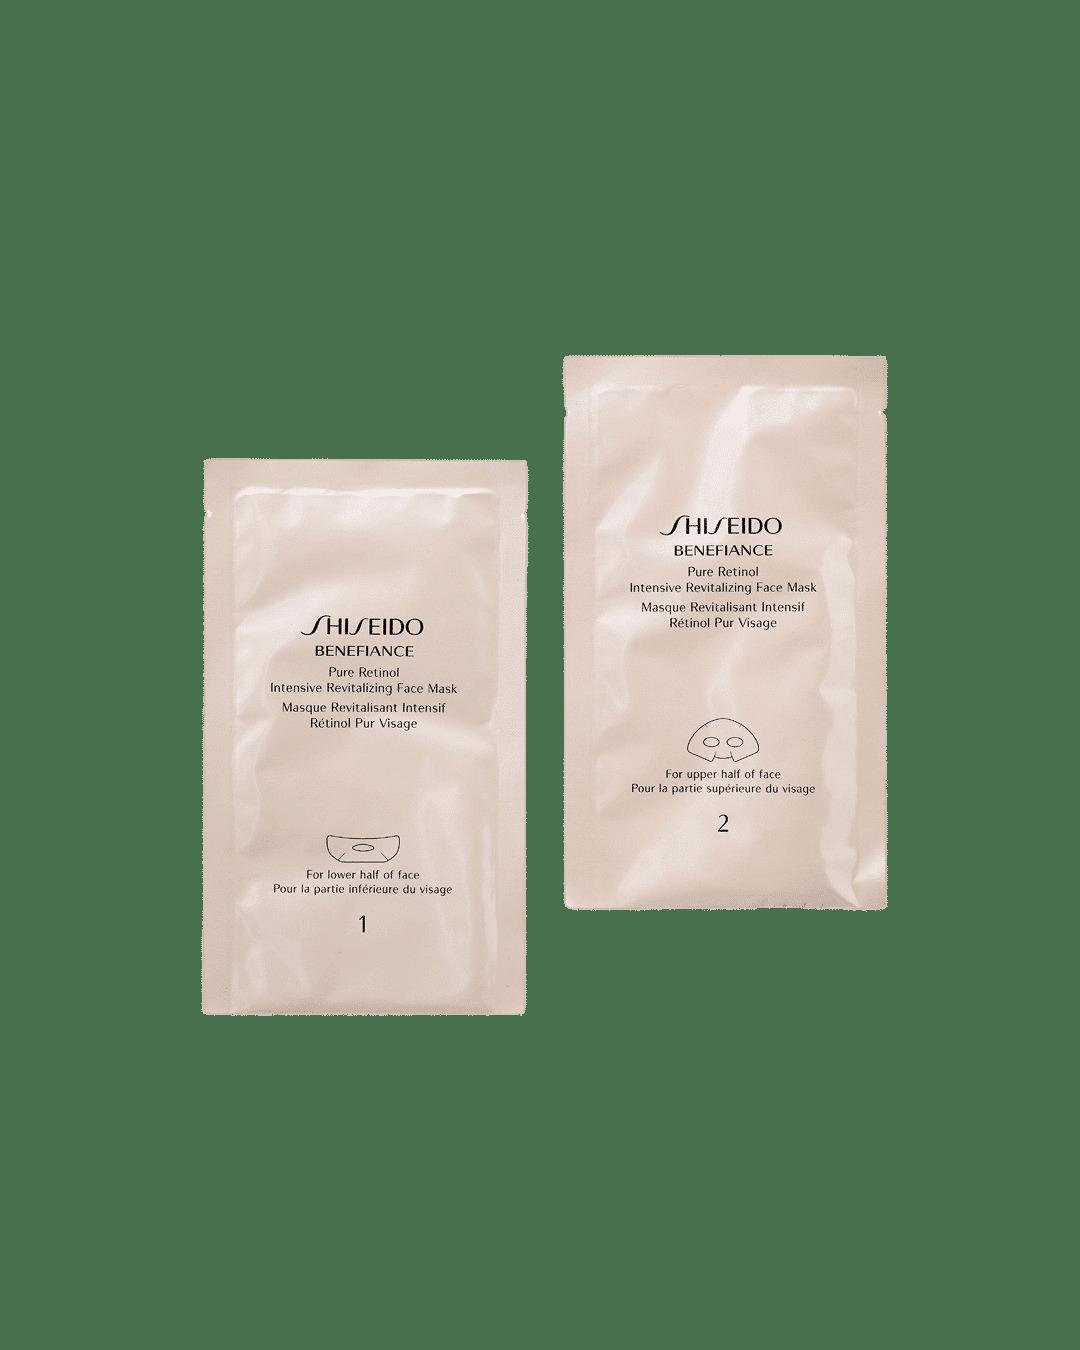 Pure Retinol Intensive Revitalizing Face Mask 4x2stk